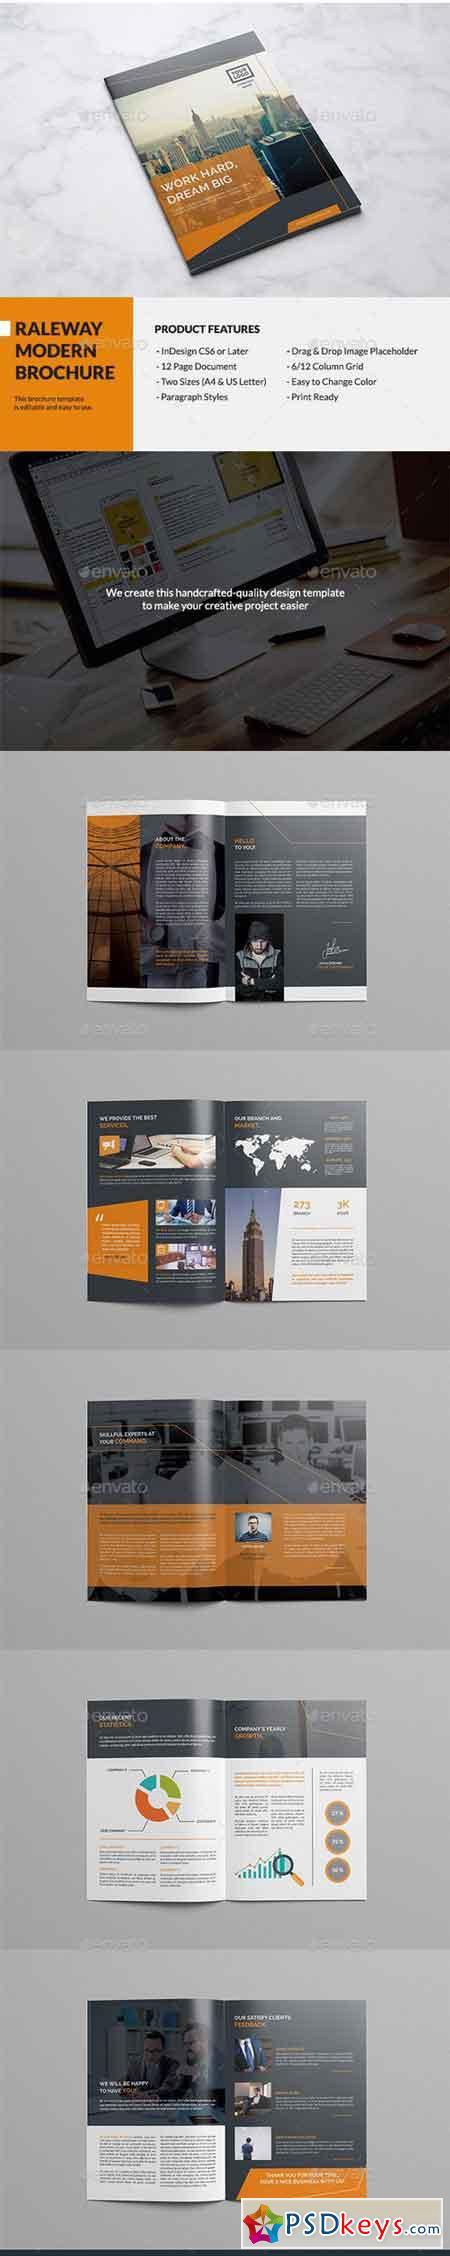 Raleway Modern Brochure 13484057